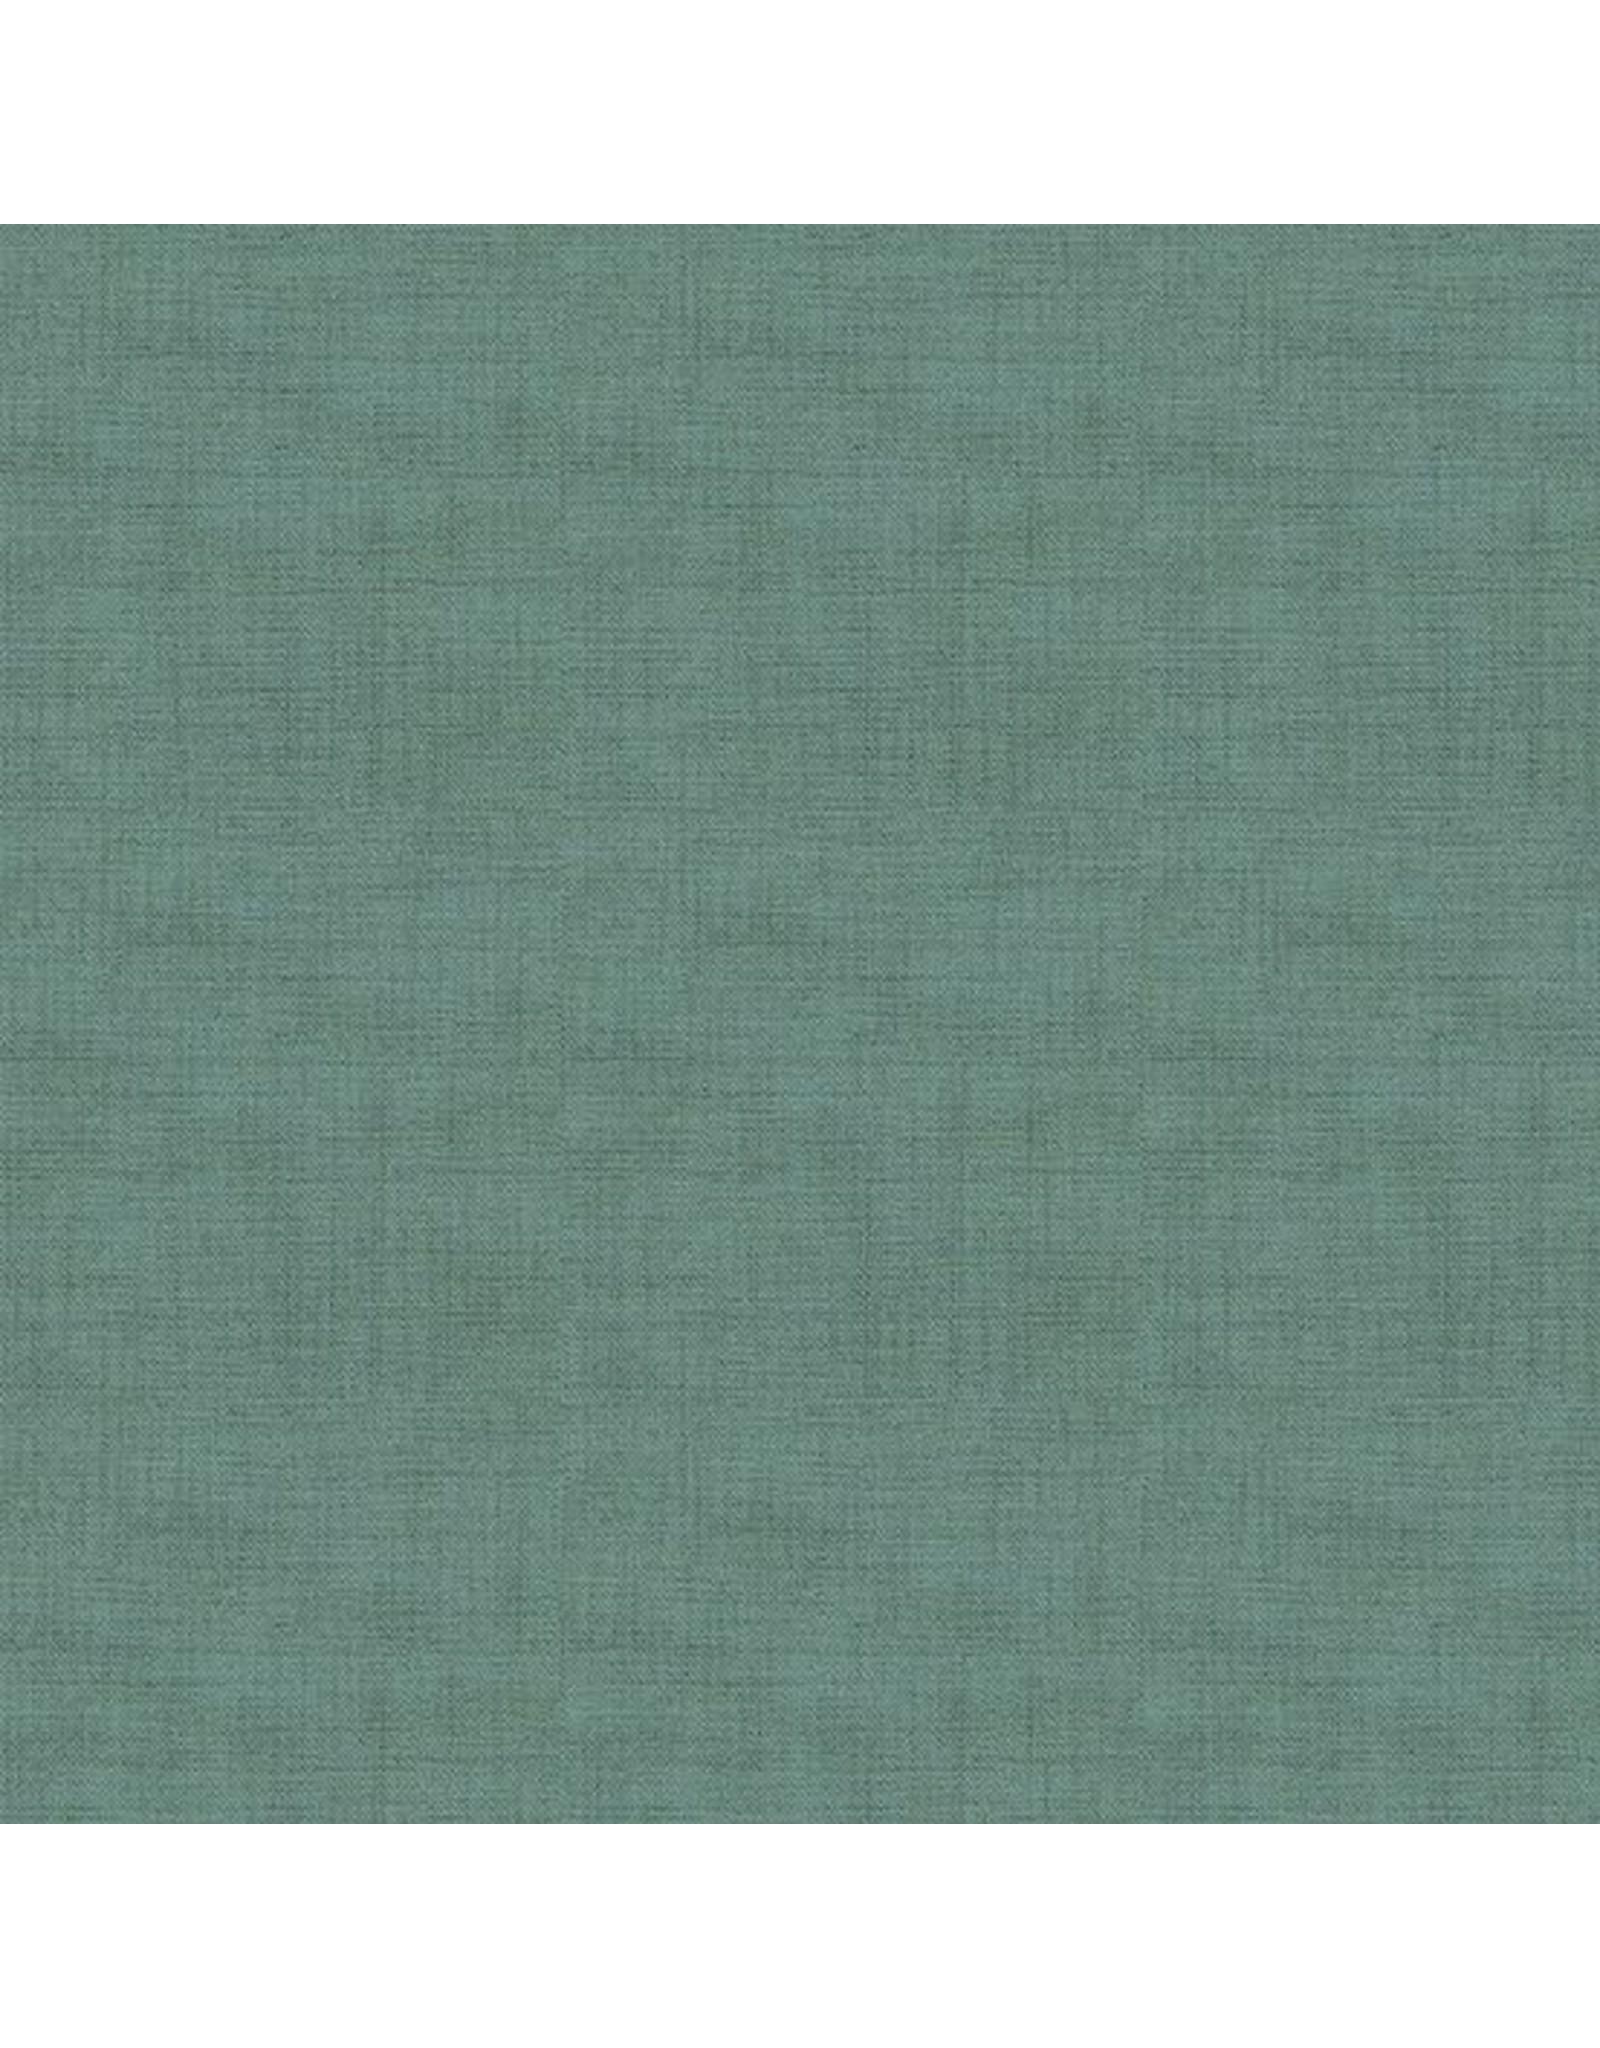 Makower UK Linen Texture - Smoky